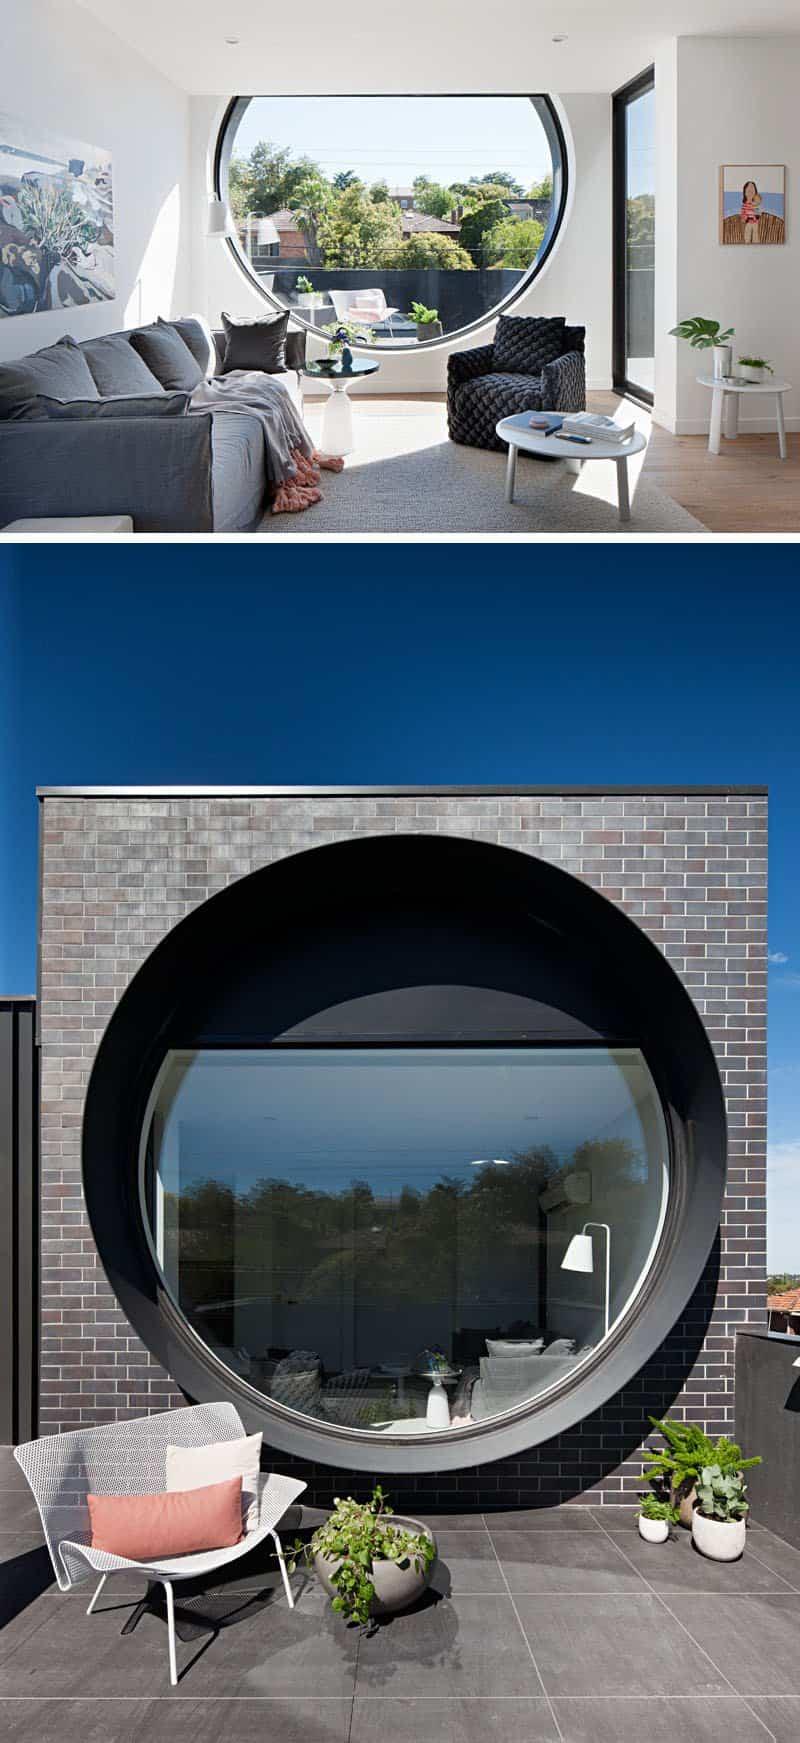 apartamento con ventanas redondas 4